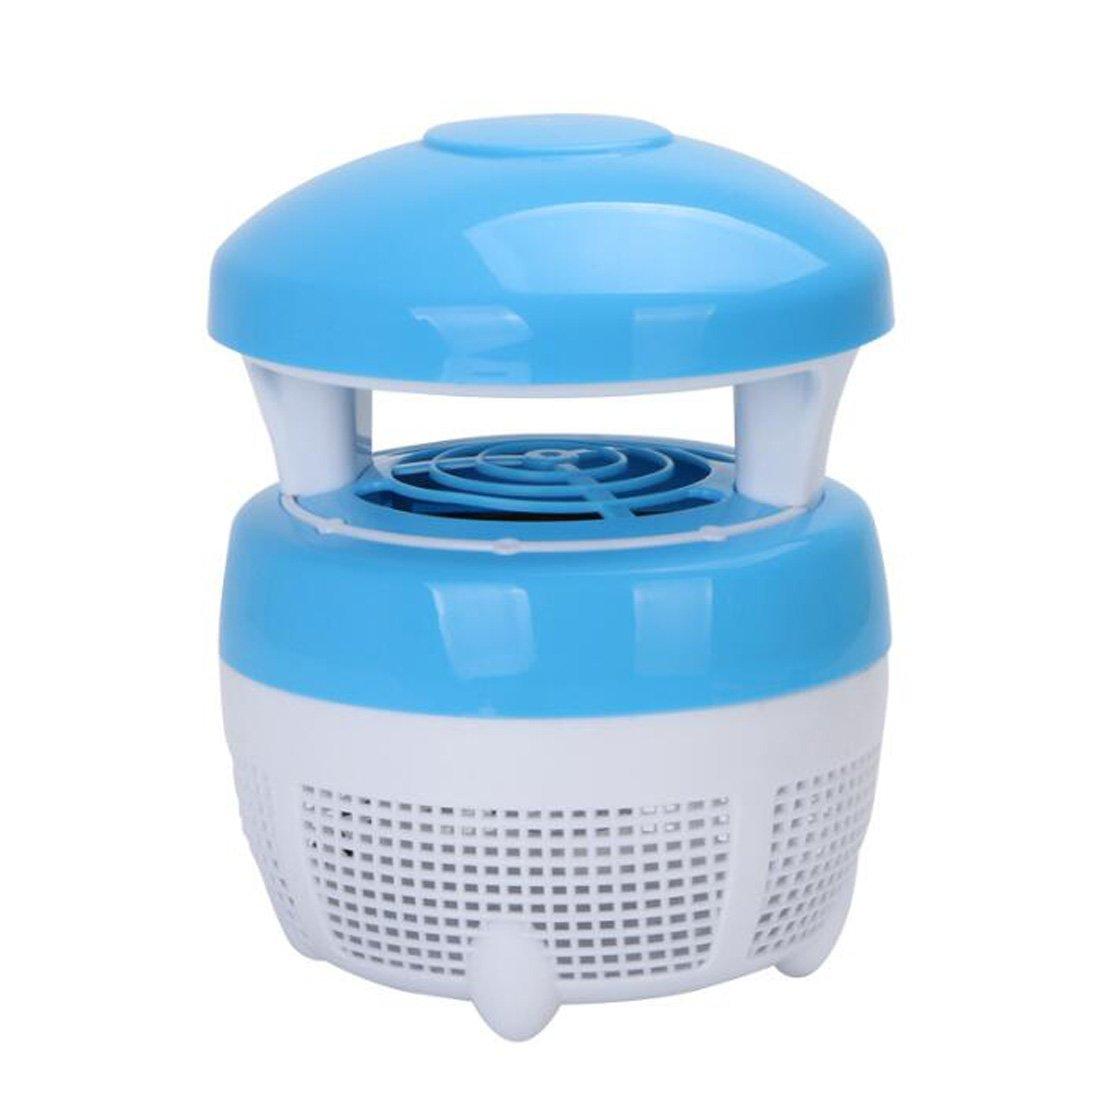 USB-Photokatalysator-Moskito-Mörder-Haushalts-elektronisches Insektenschutzmittel mütterliches Säuglingsältere Sicherheits-Moskito-Mörder-Hersteller LED-Moskito-Mörder-Schlafzimmer, Wohnzimmer, Hotel